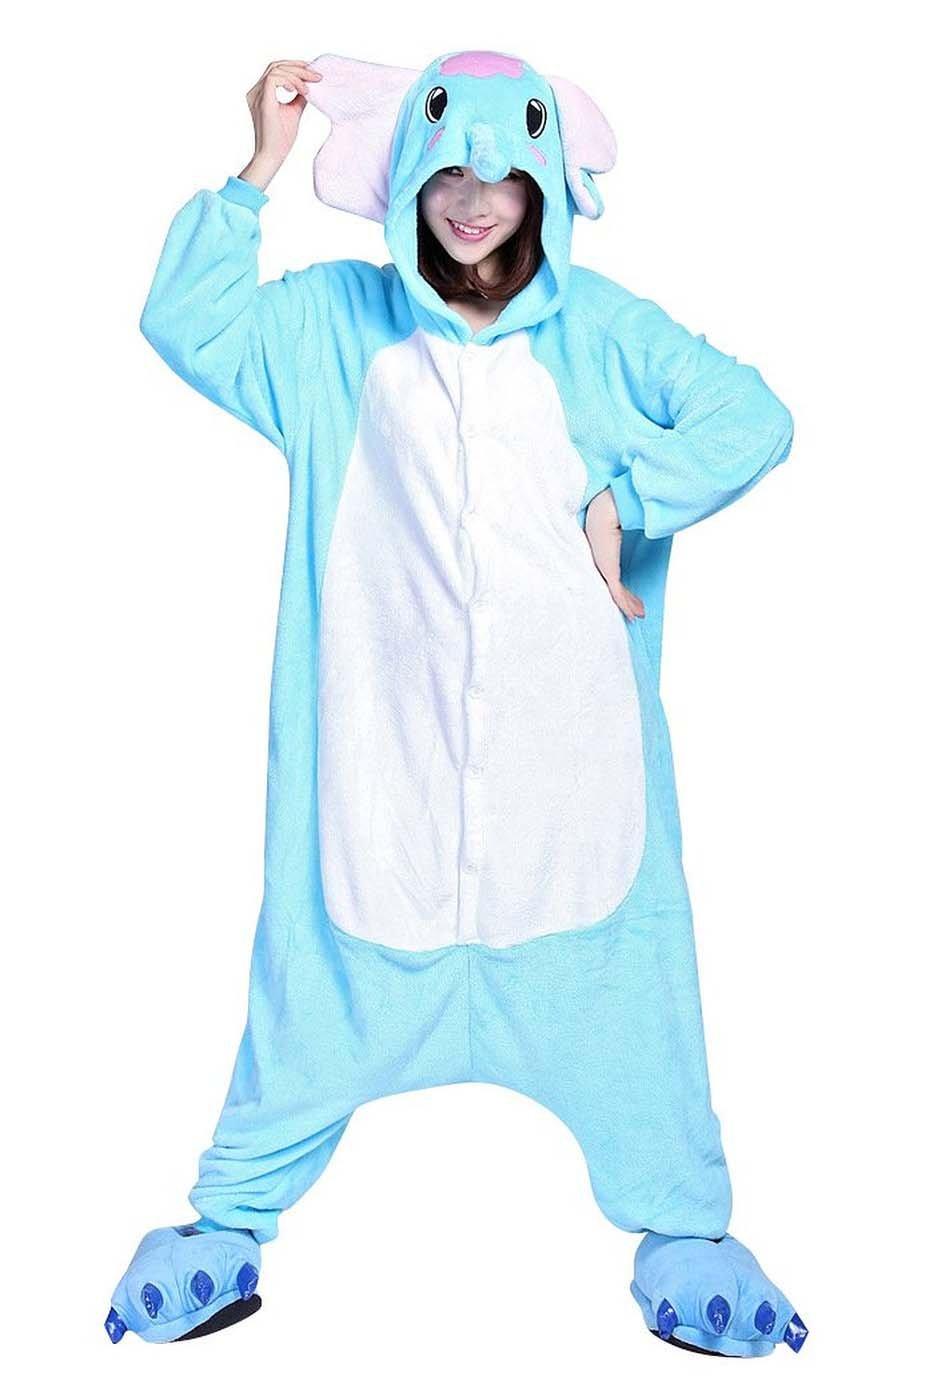 Maschio Femminile Adulto Unisex Natale Carnevale Halloween Cosplay Kigurumi Fumetto Animale Pigiama Costume Tuta Siamesi Abbigliamento Vestiti Di Ruolo Giochi pagliaccetto